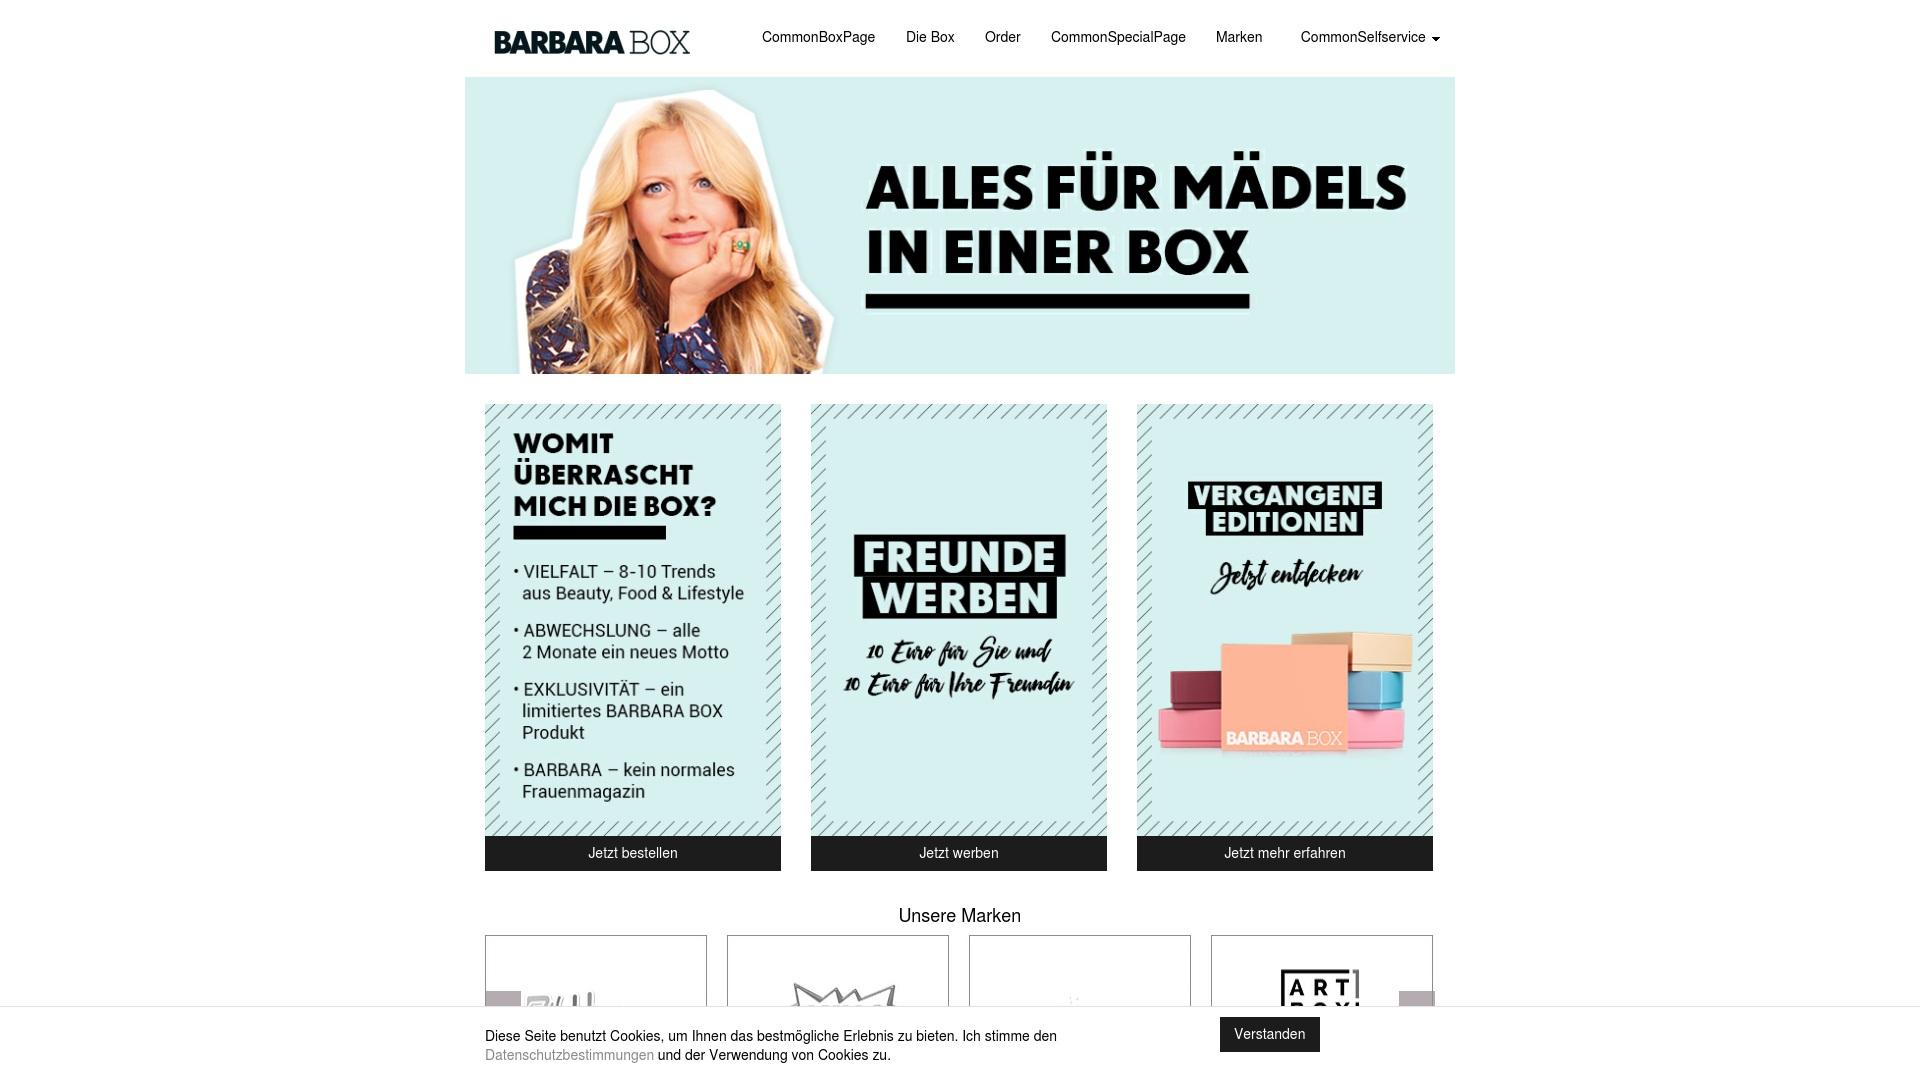 Gutschein für Barbara-box: Rabatte für  Barbara-box sichern